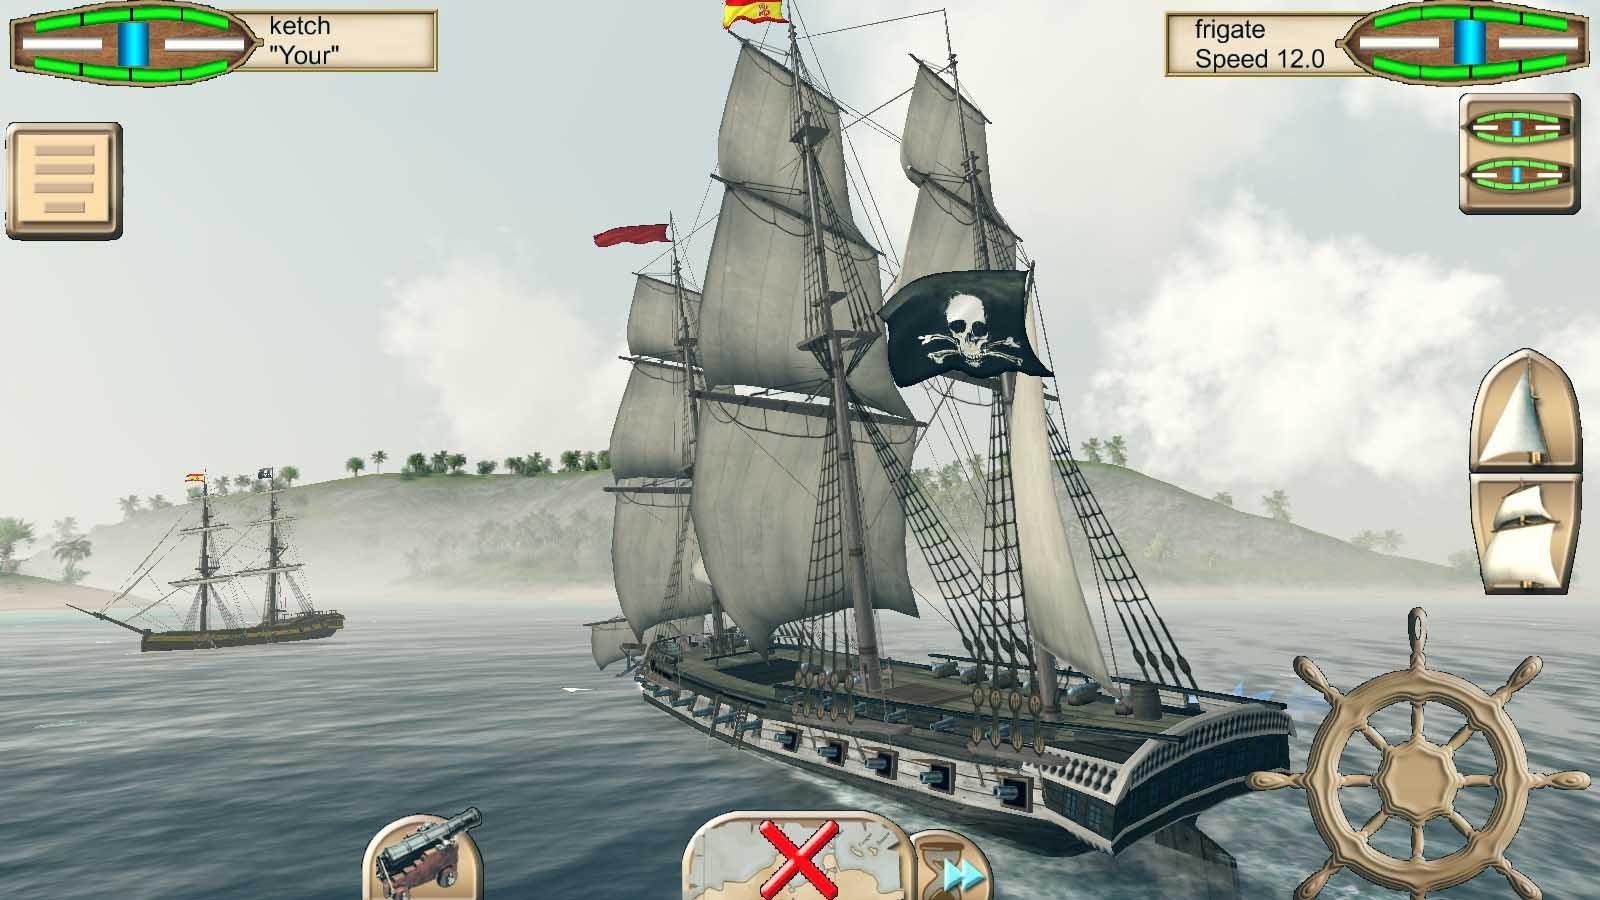 تحميل لعبة Pirates of the Caribbean